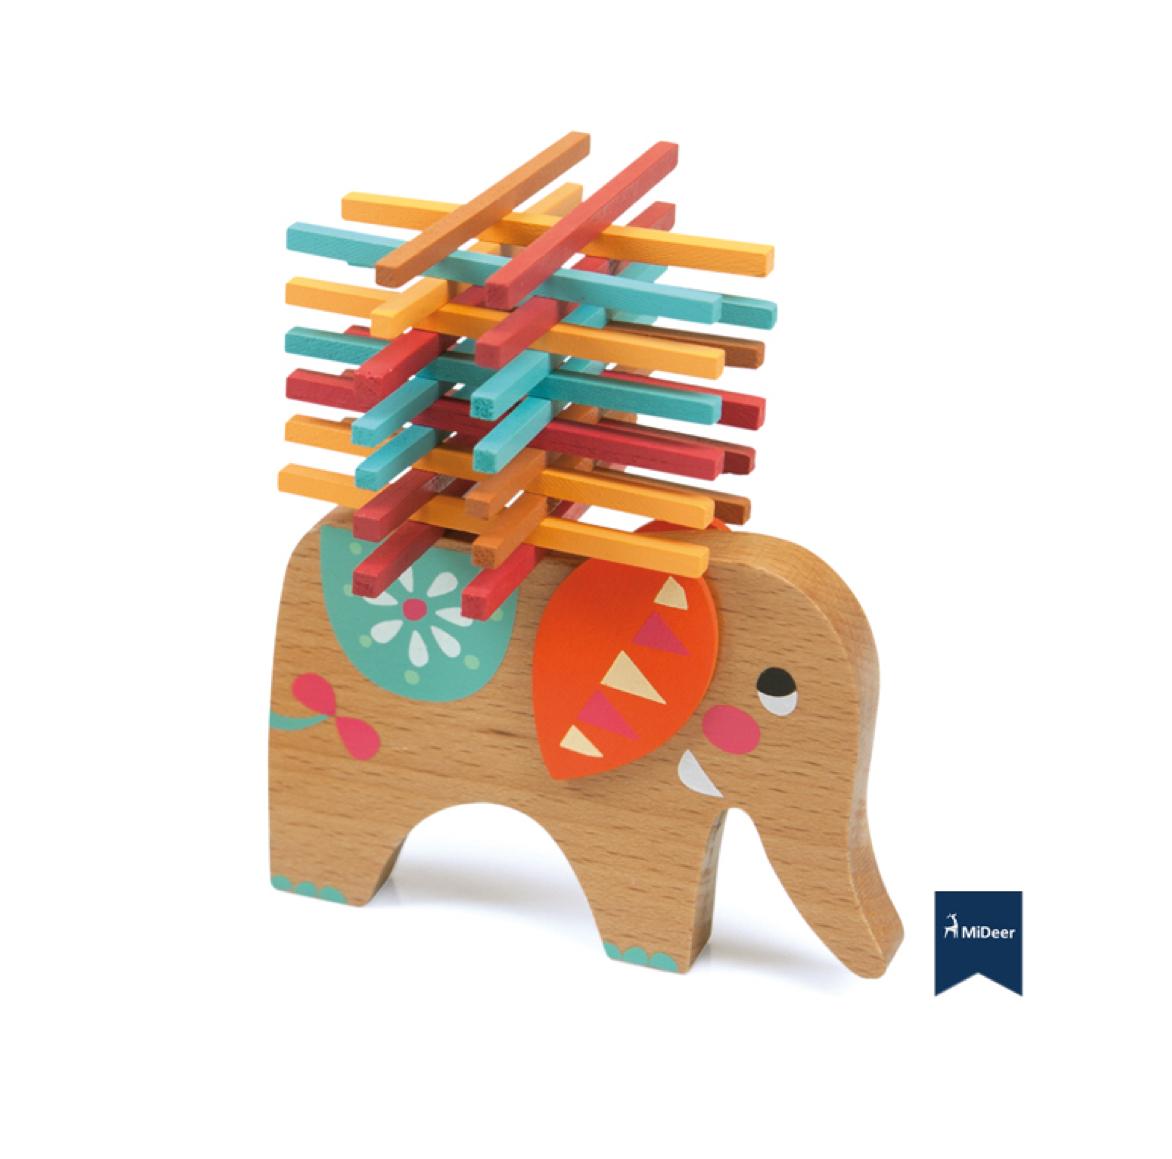 balance-elephant-de-mideer-en-el-mundo-de-mico